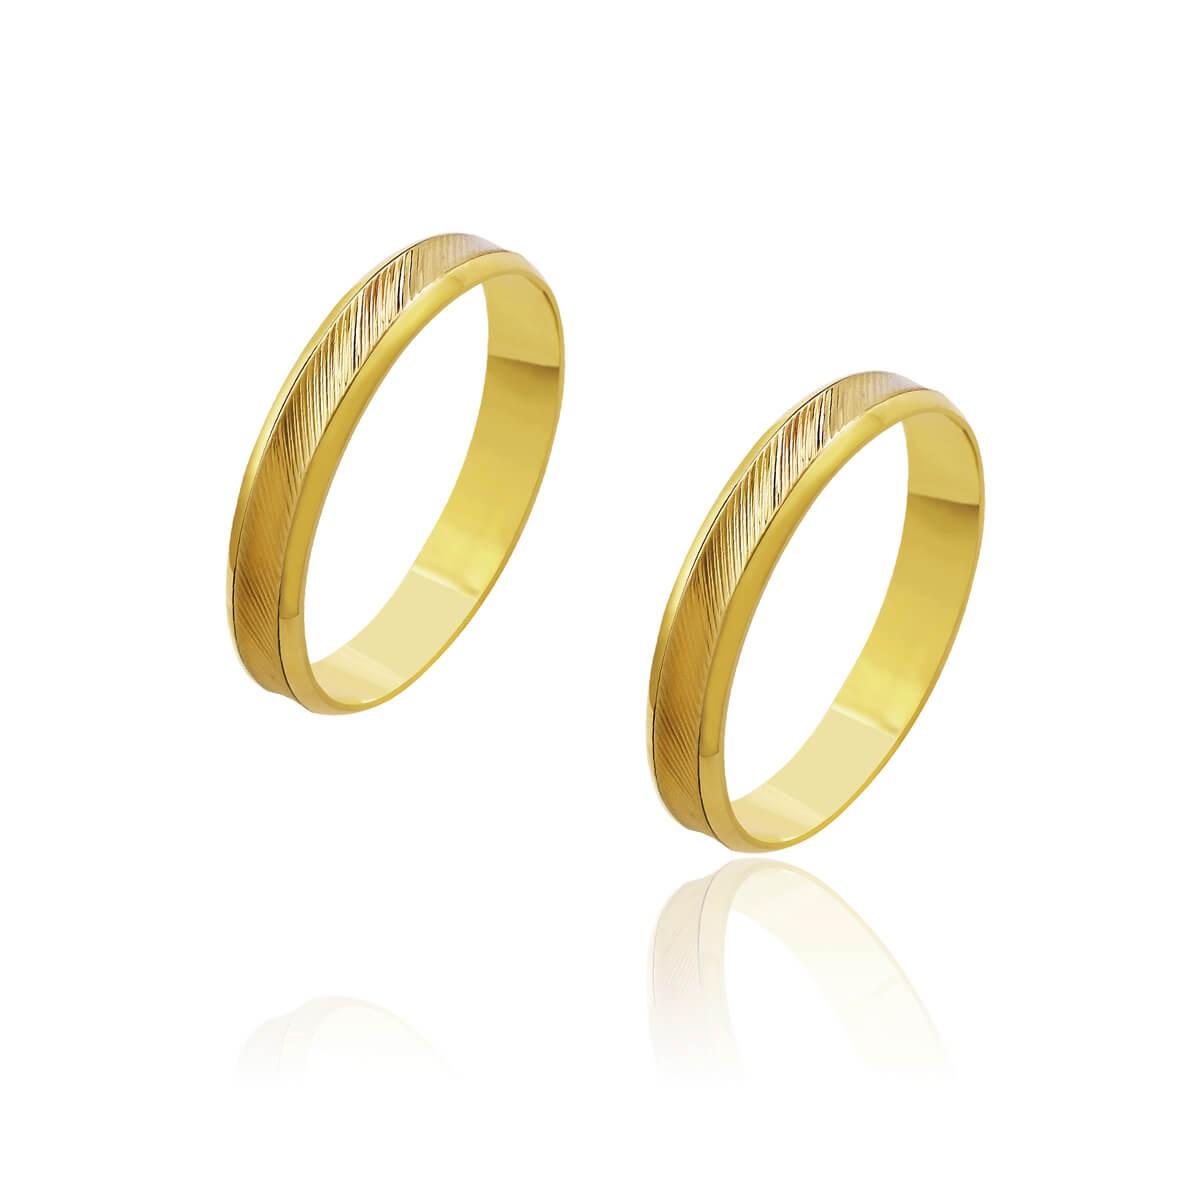 Par de Alianças de Casamento Artemis Ouro 18k Central Ouro Rosé Trabalhado 4,1mm 4g